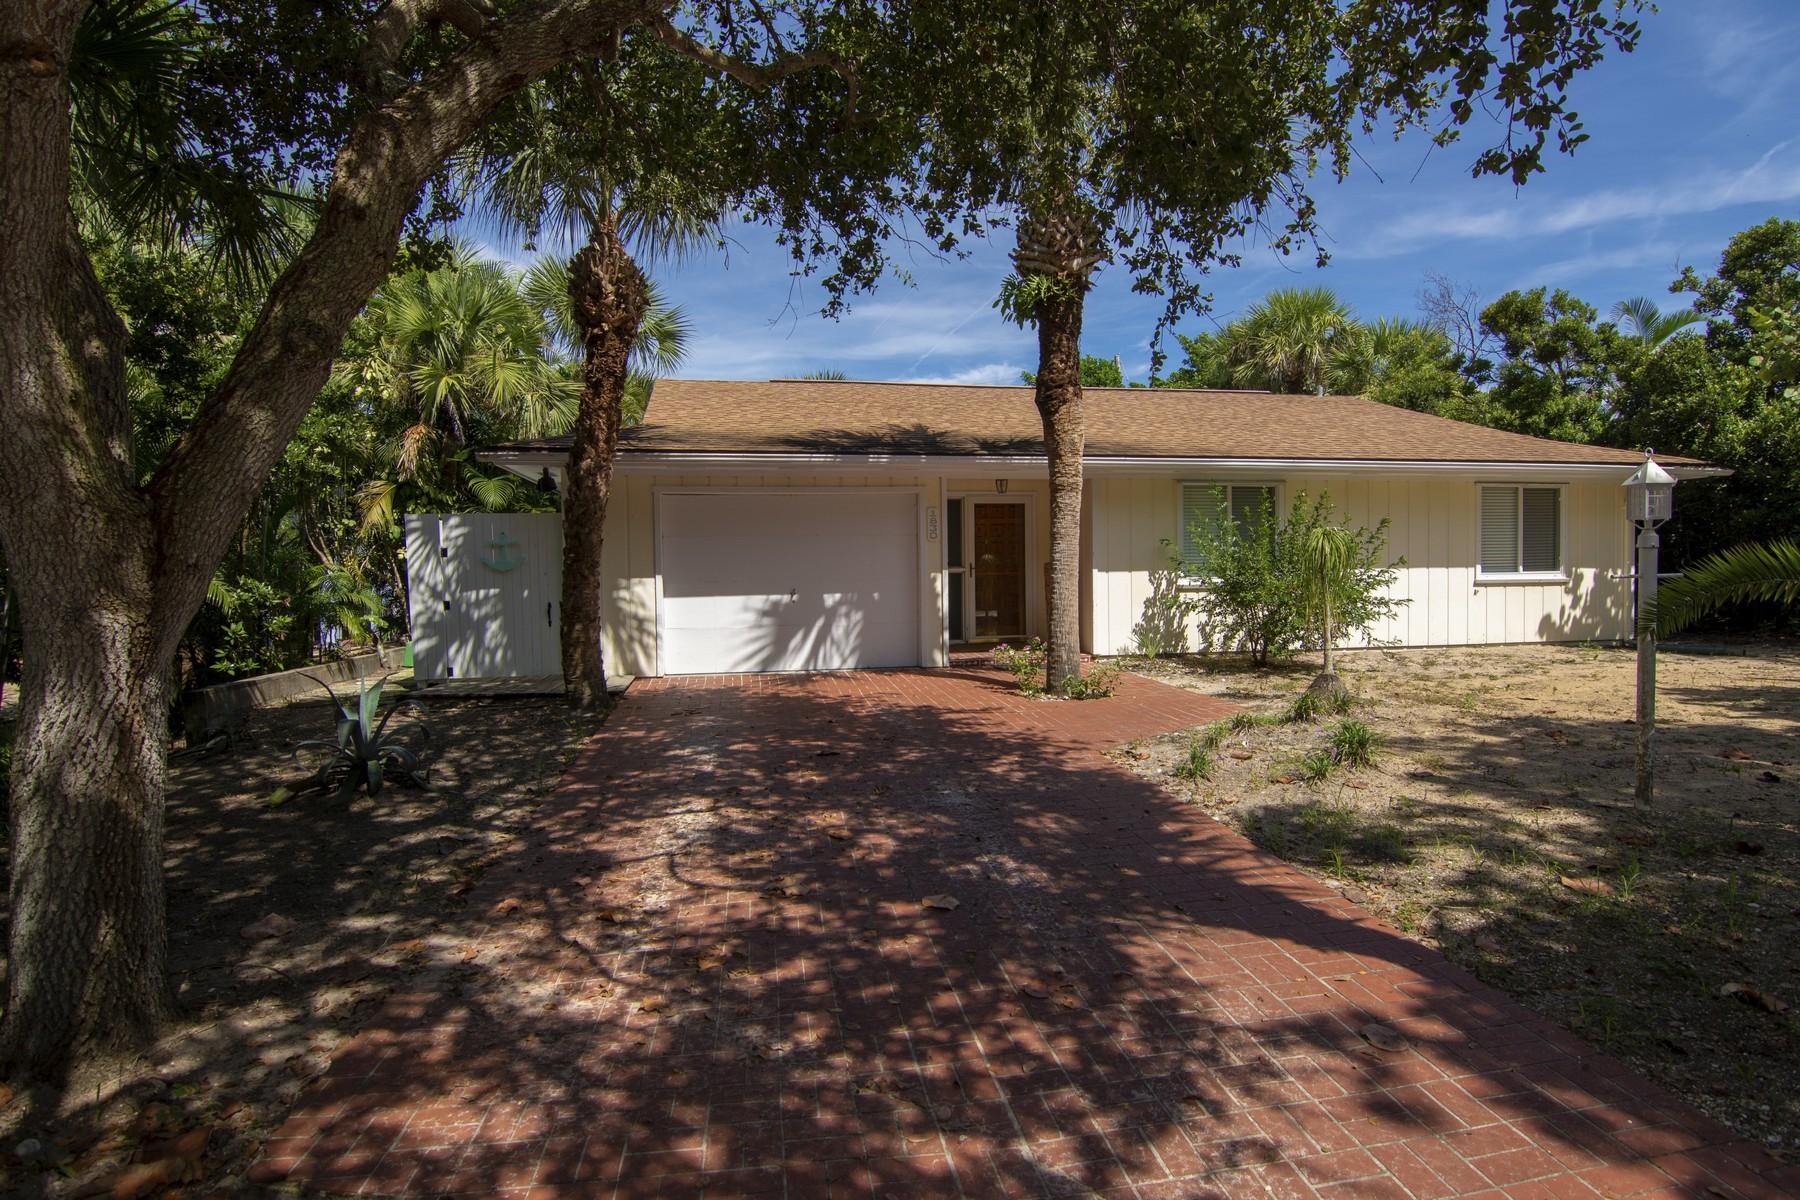 Tek Ailelik Ev için Satış at Summerplace - Sea Turtle 1830 E Sandpiper Rd Vero Beach, Florida 32963 Amerika Birleşik Devletleri